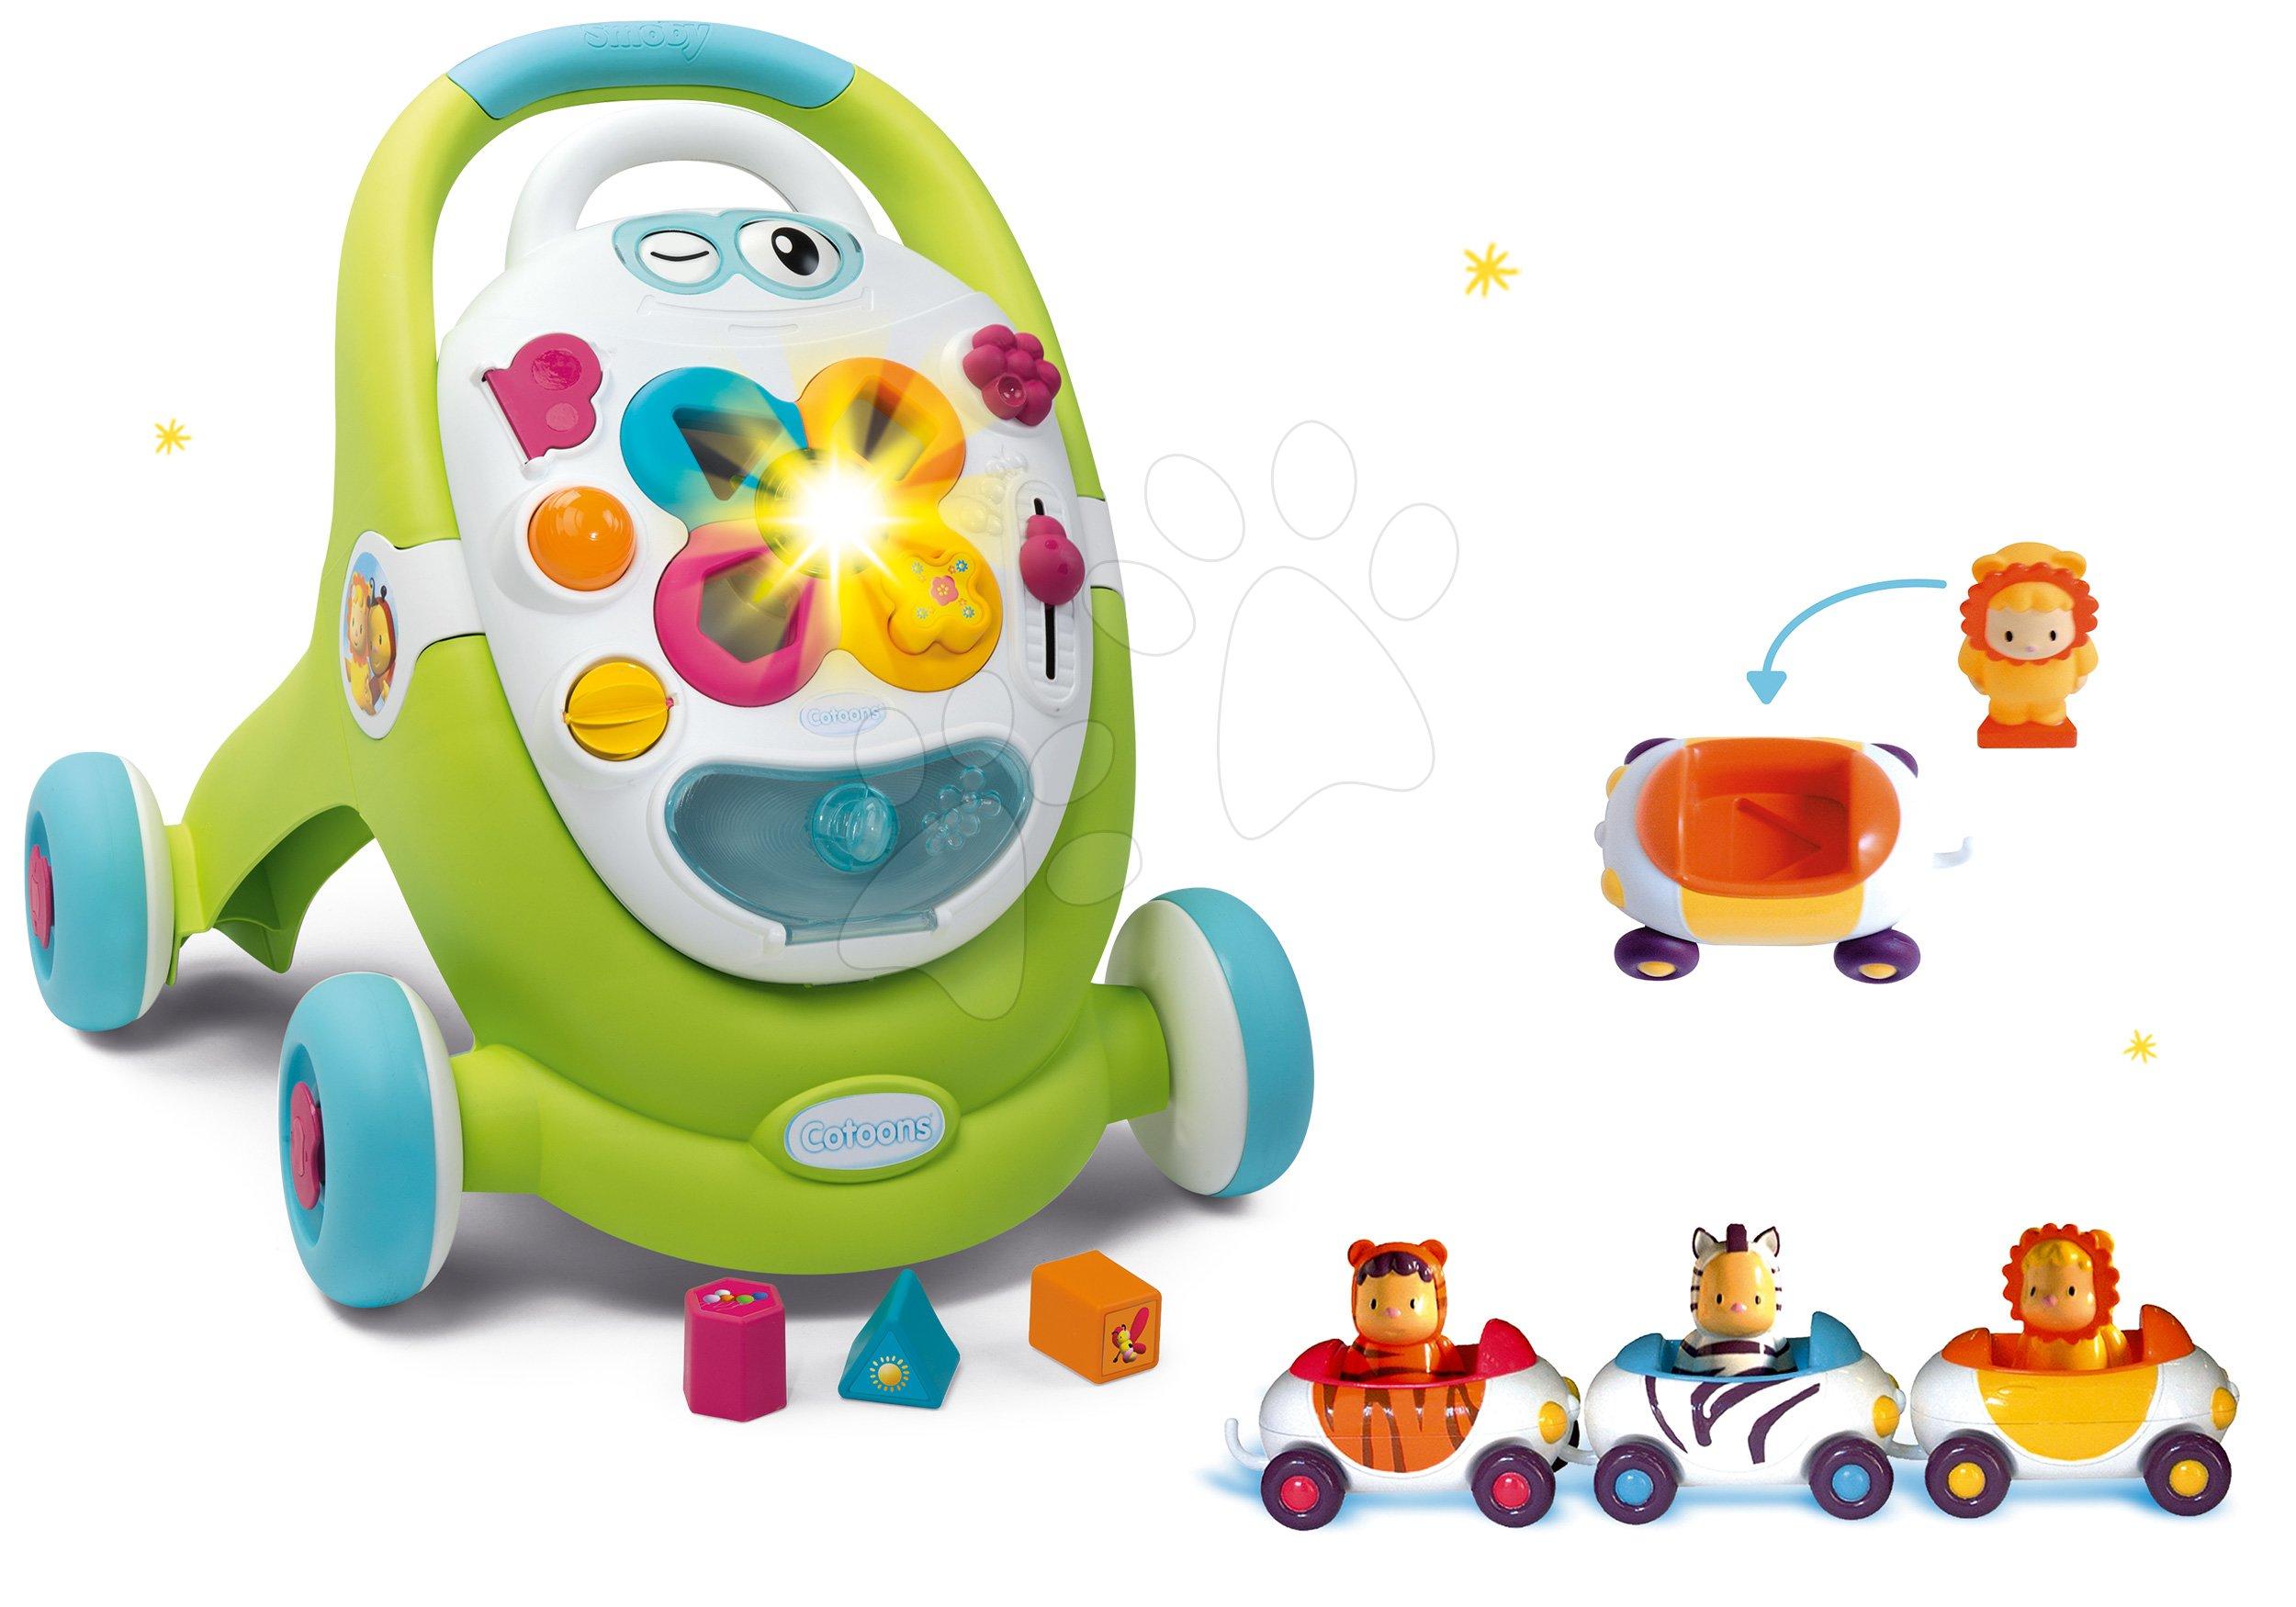 Dětská chodítka - Set chodítko Trott Cotoons 2v1 Smoby zelené s kostkami, světlem a melodií a autíčka Imagin Car Cotoons